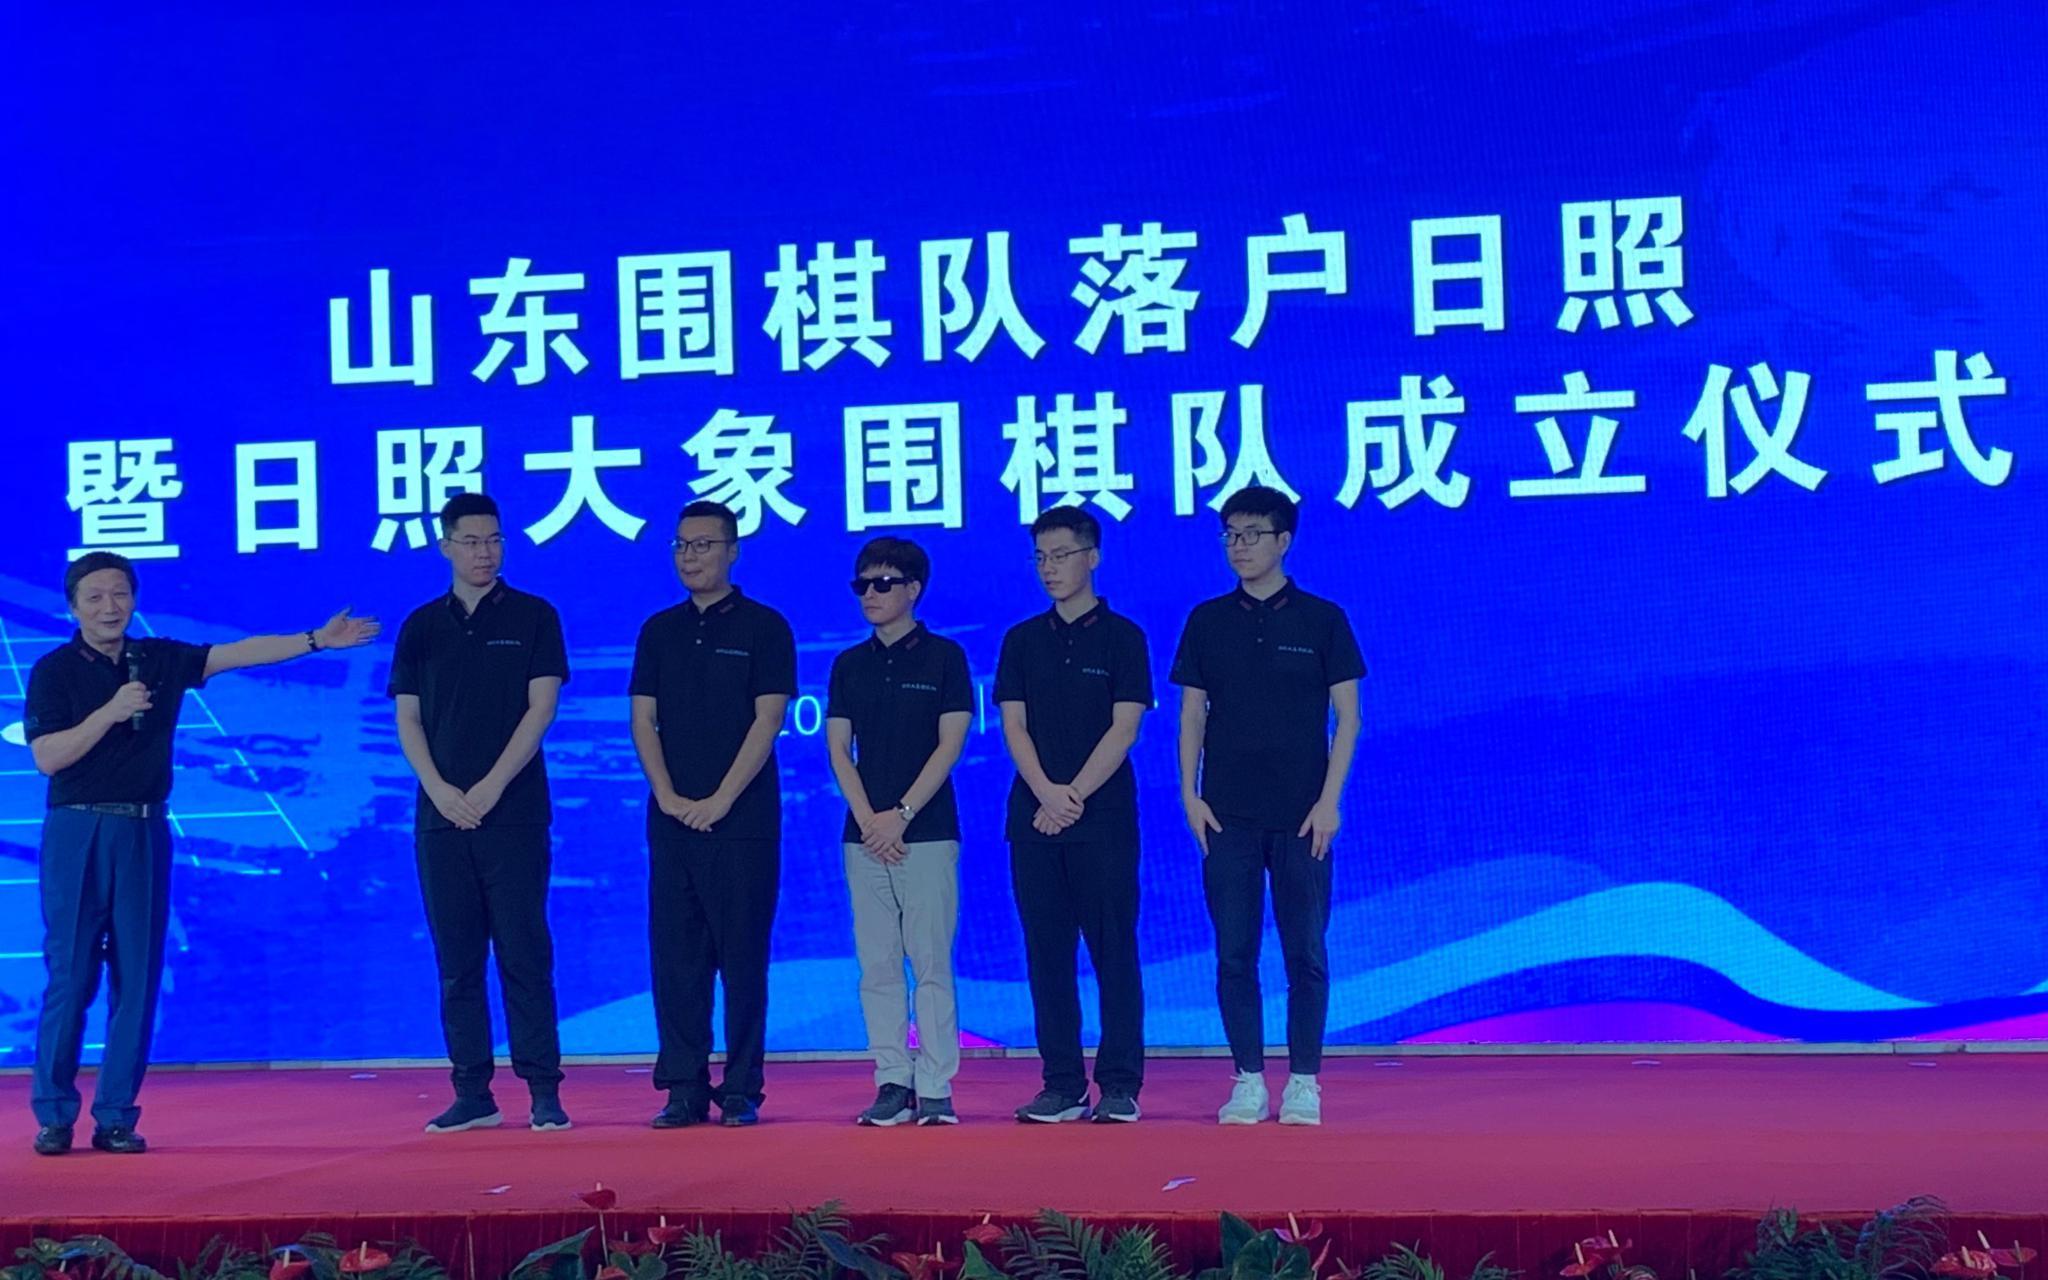 坐拥4名九段棋手,今年围甲曹大元目标夺冠